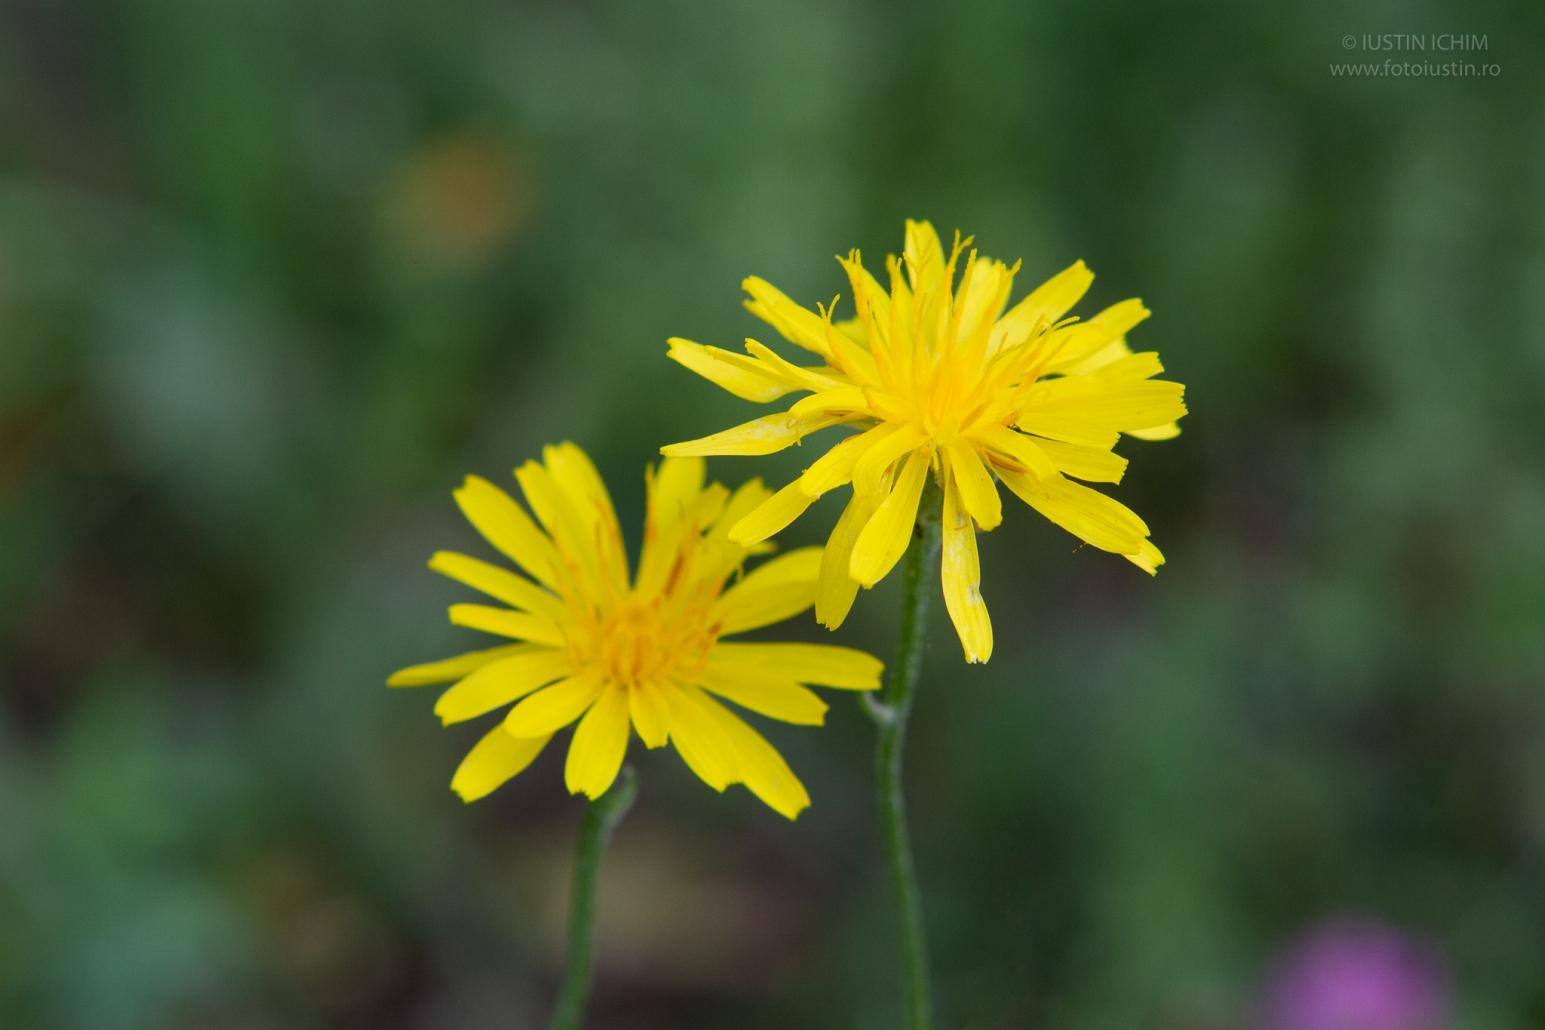 flori galbene, flora spontană